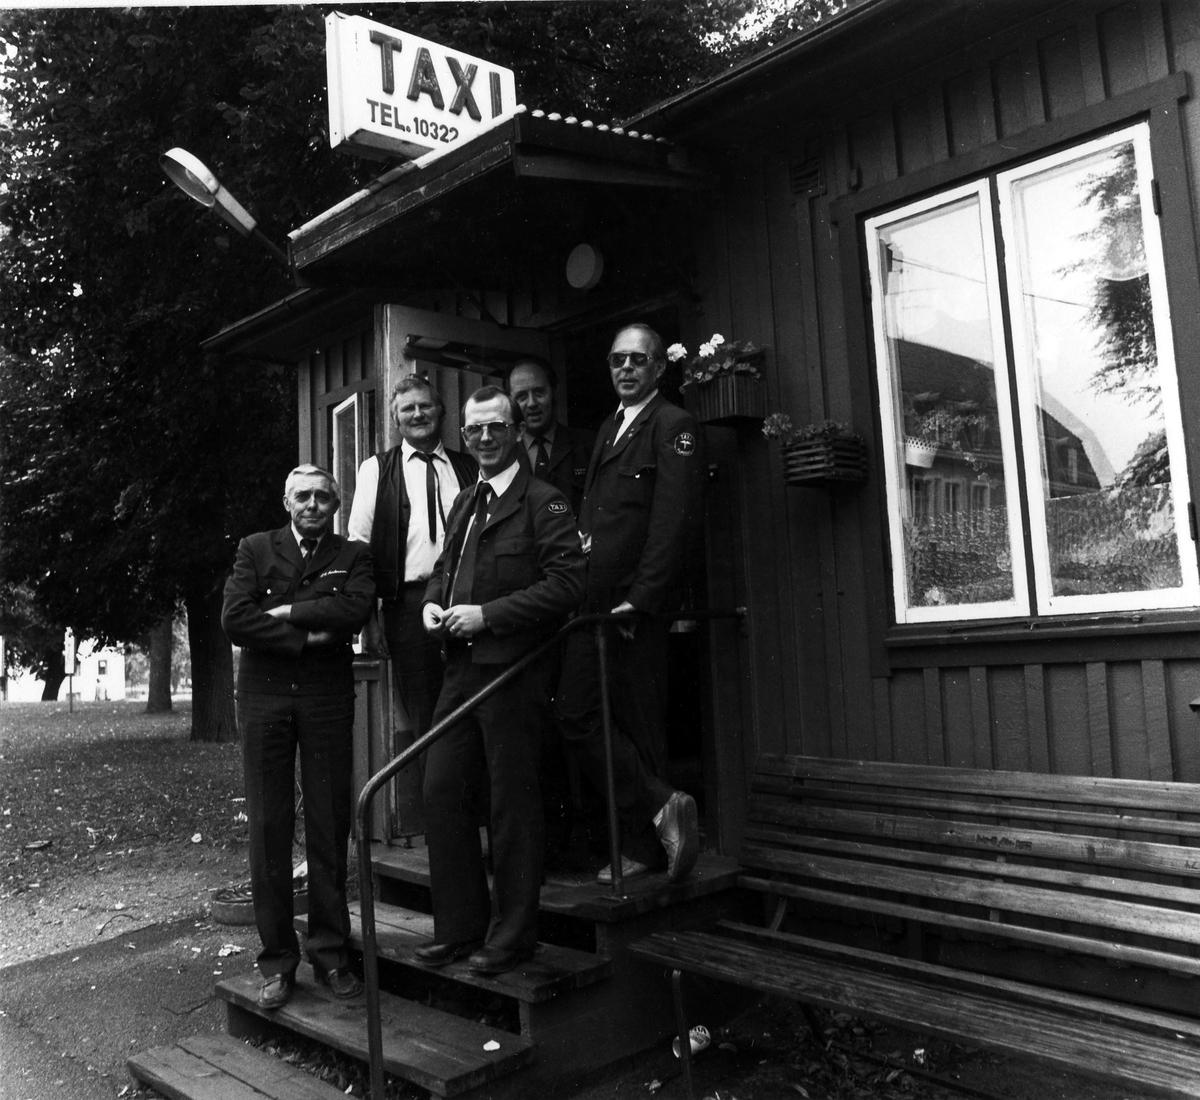 """5 män står på trappan till den gamla taxistationens ingång på Bankgatan i Åmanska parken. Ovanför dom en skylt med text """"Taxi Tel 10322"""". Stationen flyttade i månadsskiftet augusti-september 1982 till nya lokaler i kv. Dryckeshornet."""